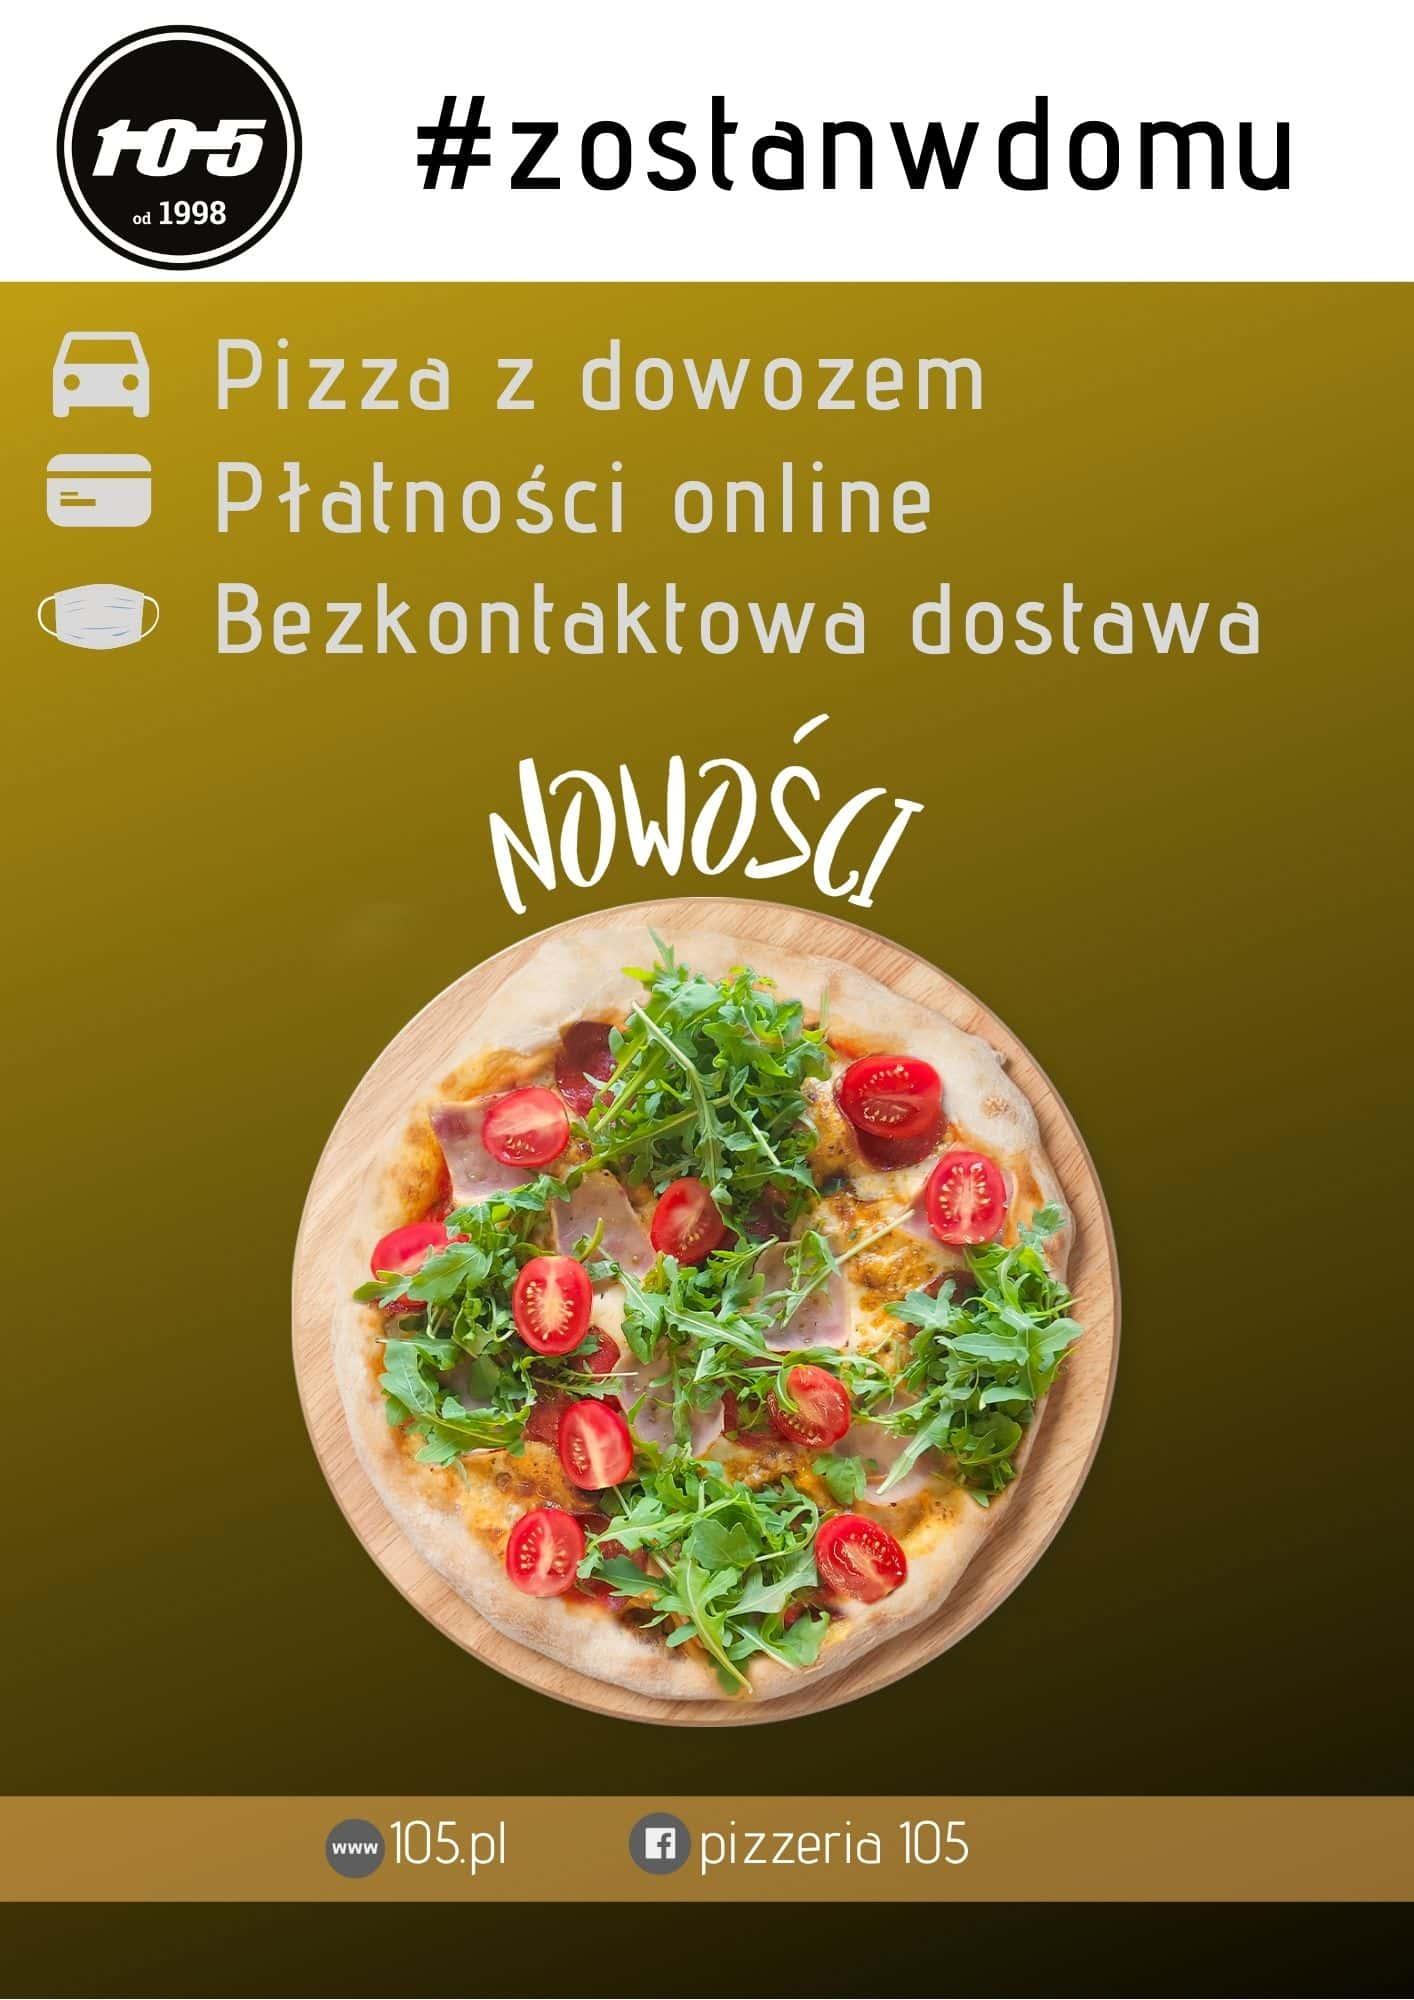 zostas w domu 01 Pizzeria Stopiątka otworzyła swój pierwszy lokal w Zamościu.